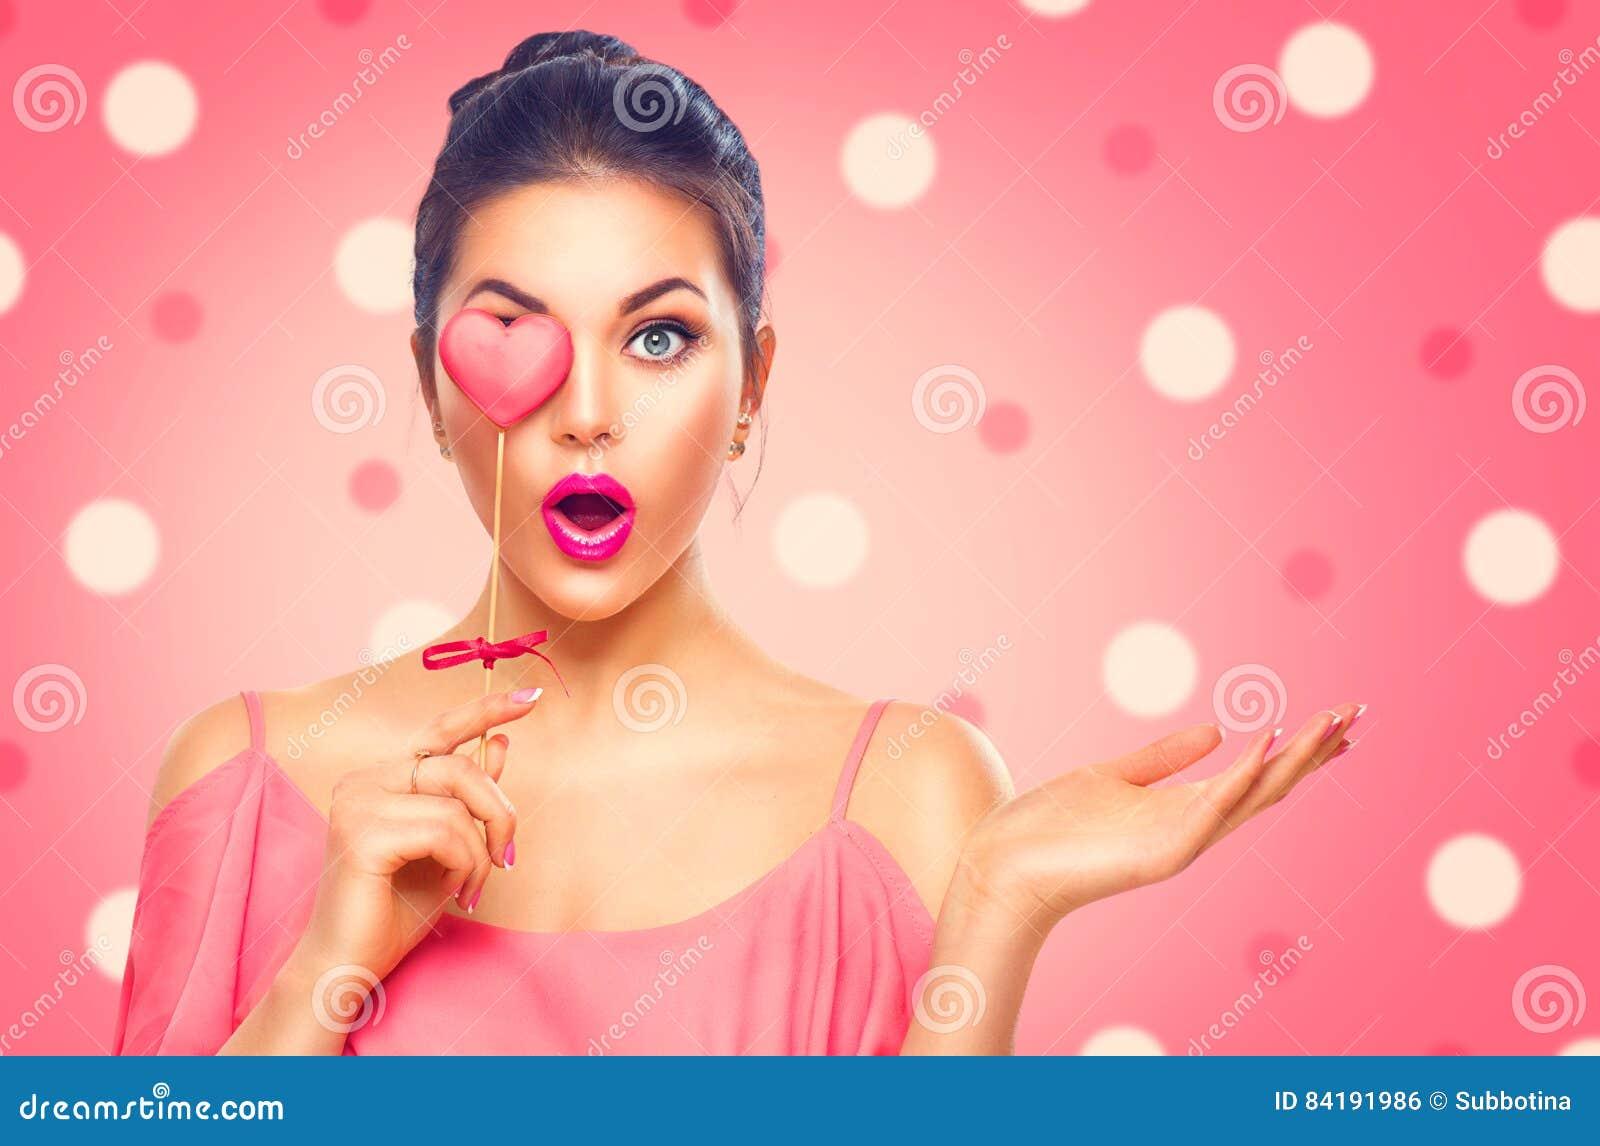 dia-do-s-do-valentim-menina-modelo-da-beleza-com-coração-do-valentim-deu-forma-à-cookie-84191986.jpg